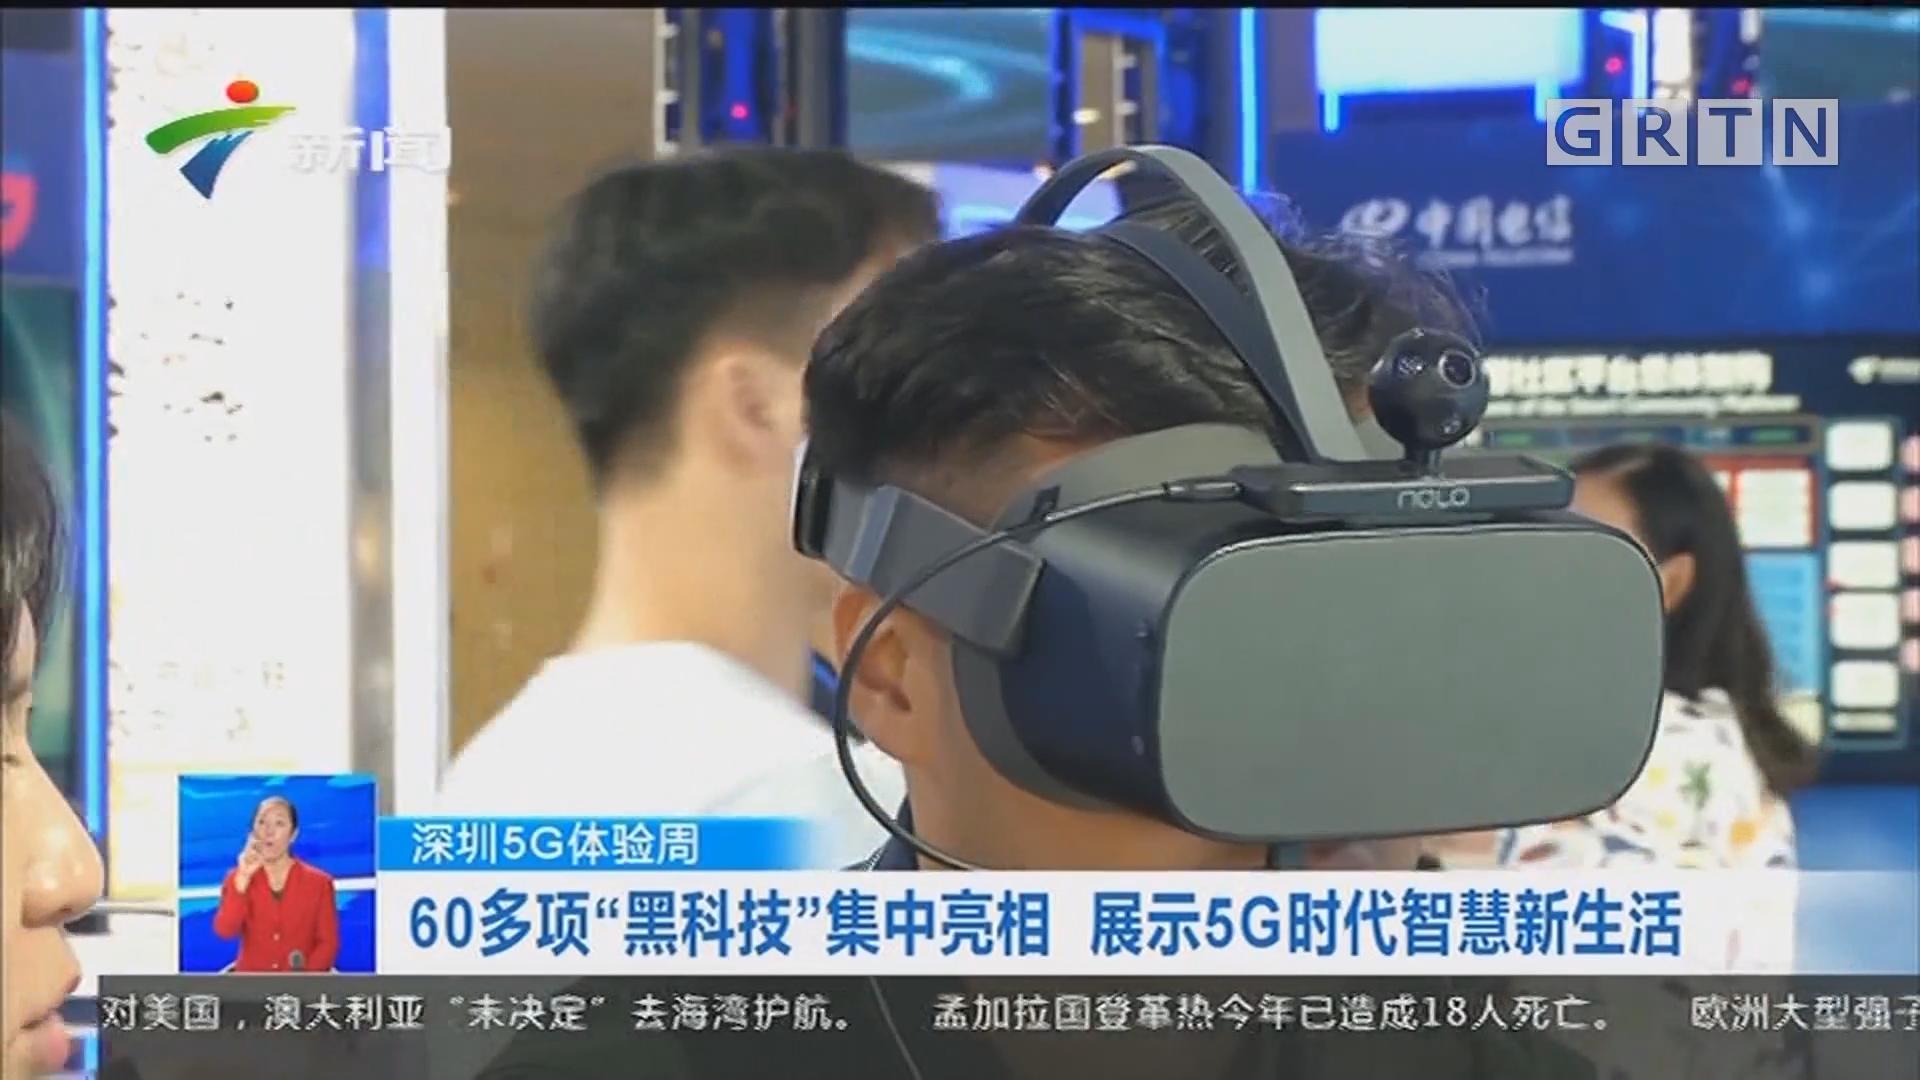 """深圳5G体验周 60多项""""黑科技""""集中亮相 展示5G时代智慧新生活"""